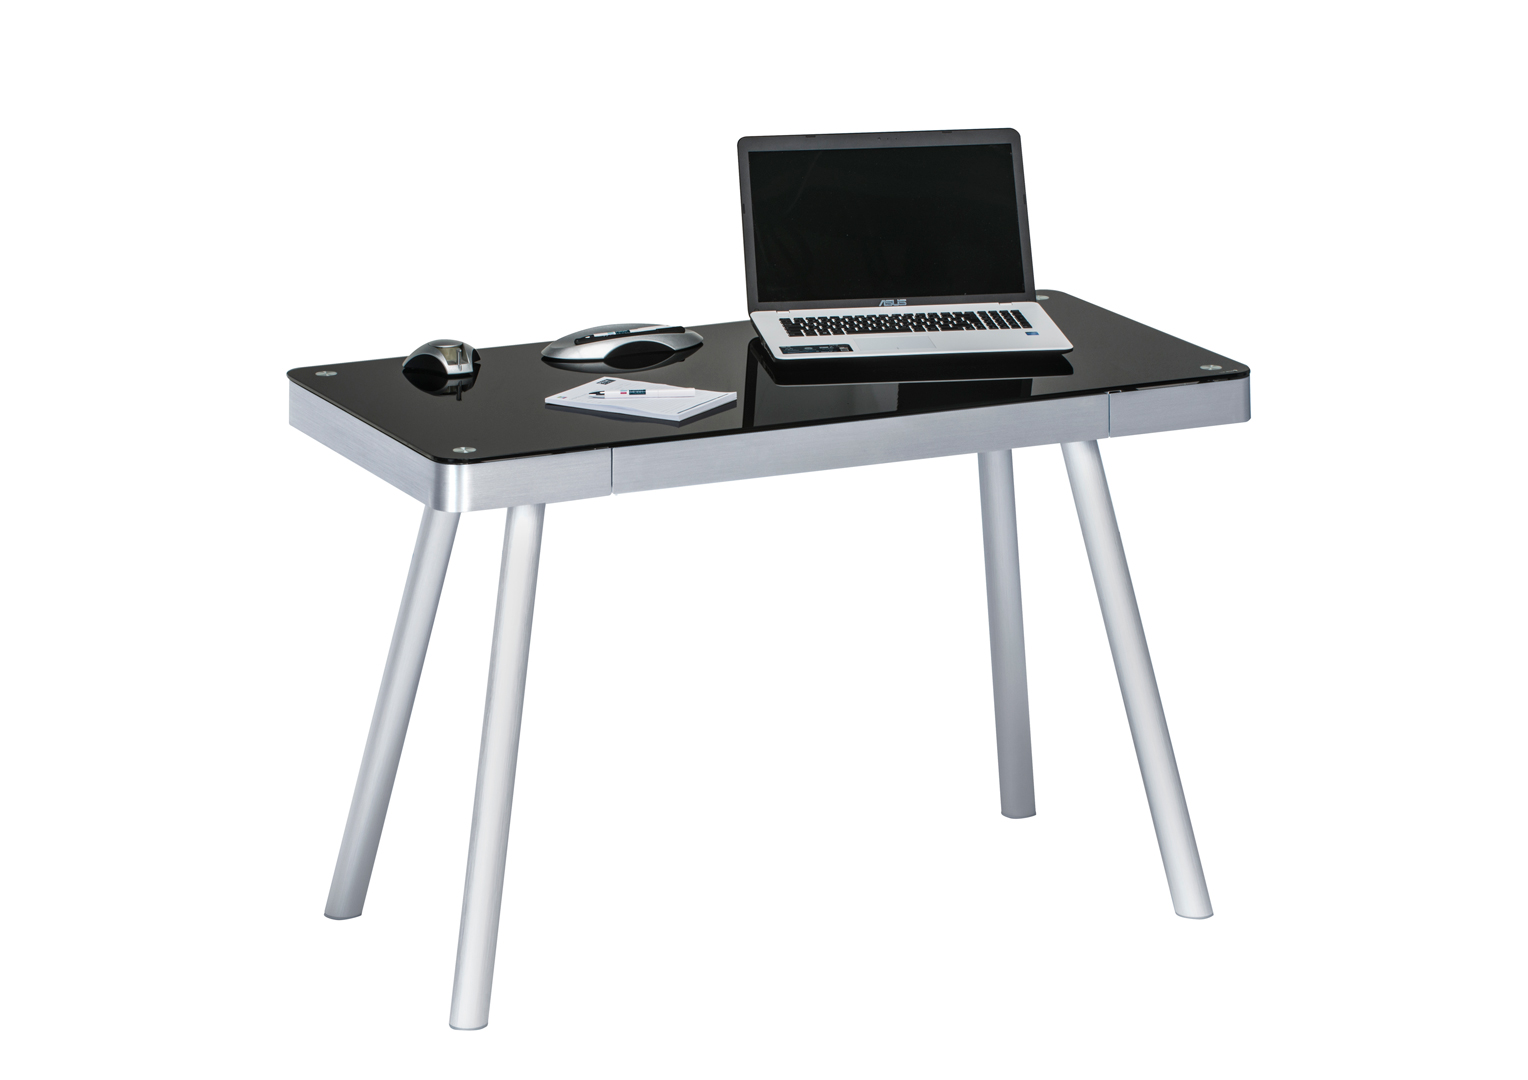 Bureau informatique design métal et verre noir harty